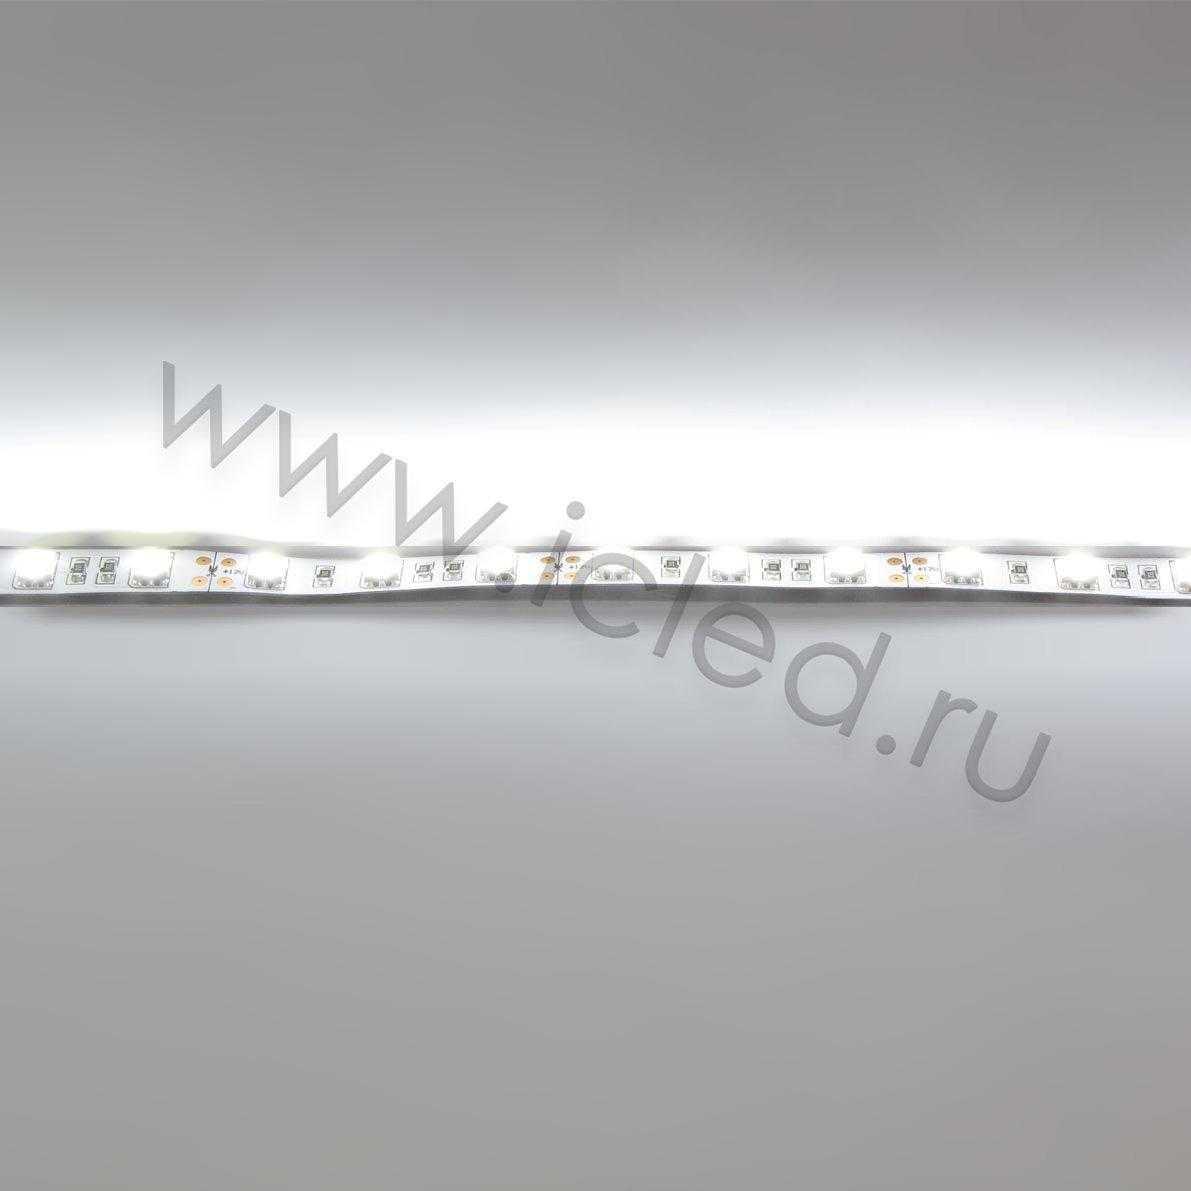 Светодиодная лента Class High, 5050, 60 led/m, White,12V, IP33